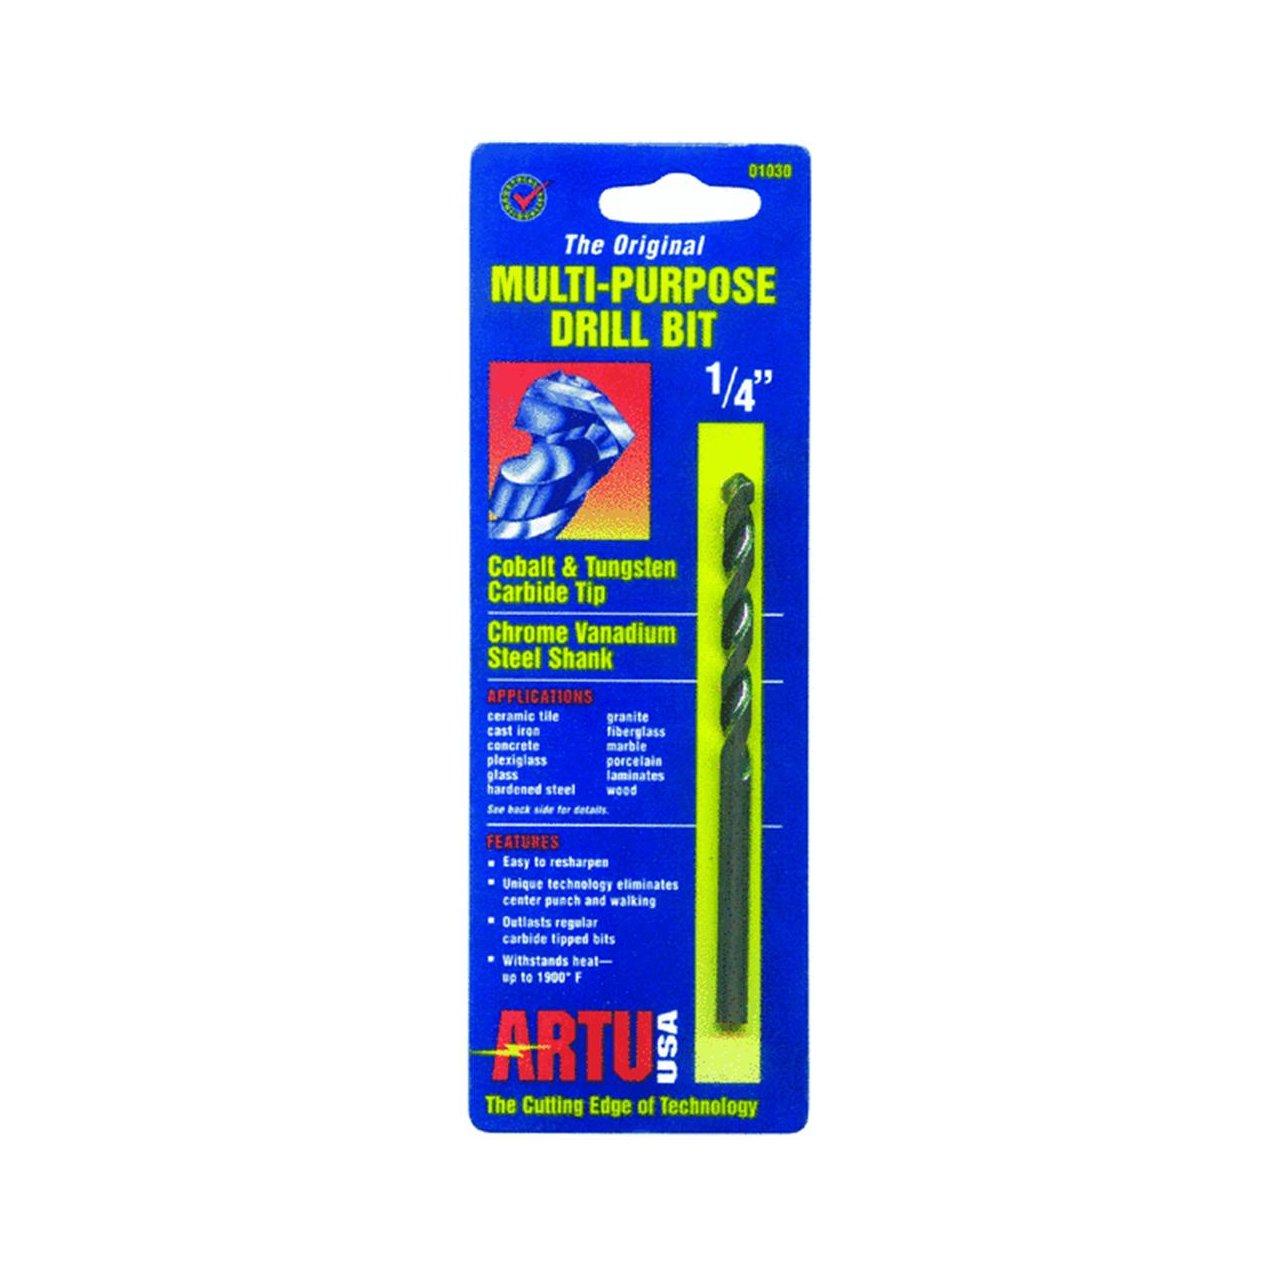 Сверло Artu #01040 5/16x4-1/2 Mp Drill Bit